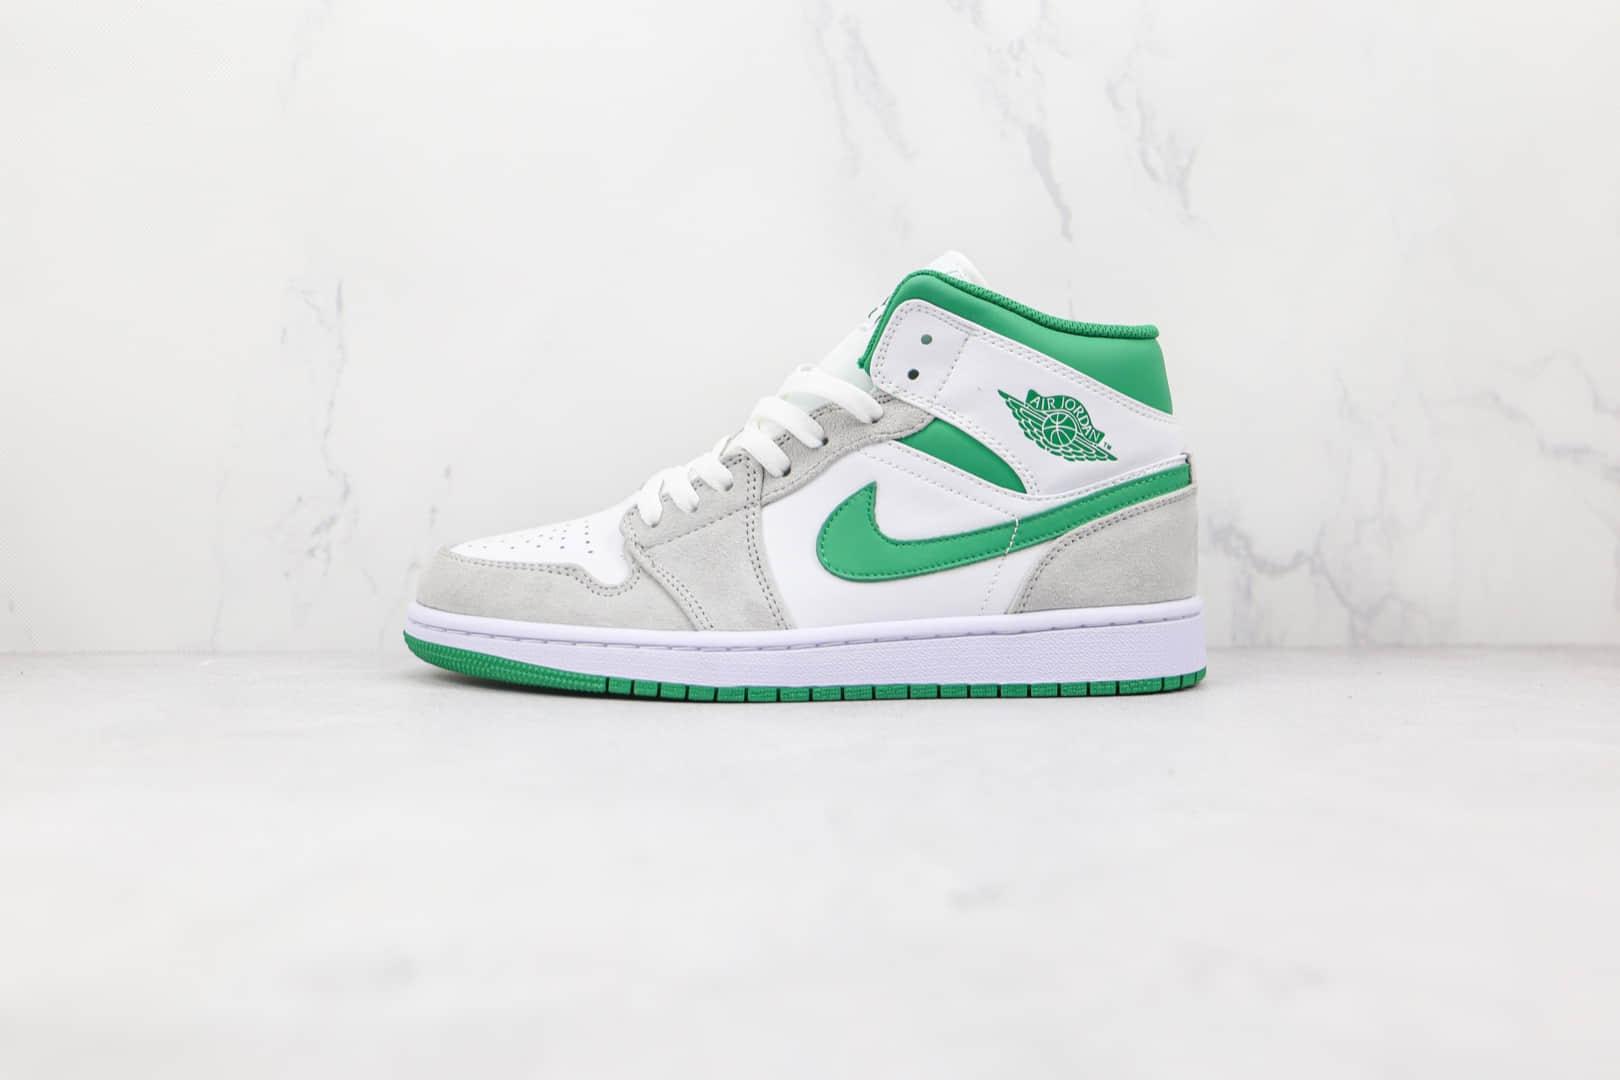 纯原版本乔丹中帮AJ1灰绿色篮球鞋出货